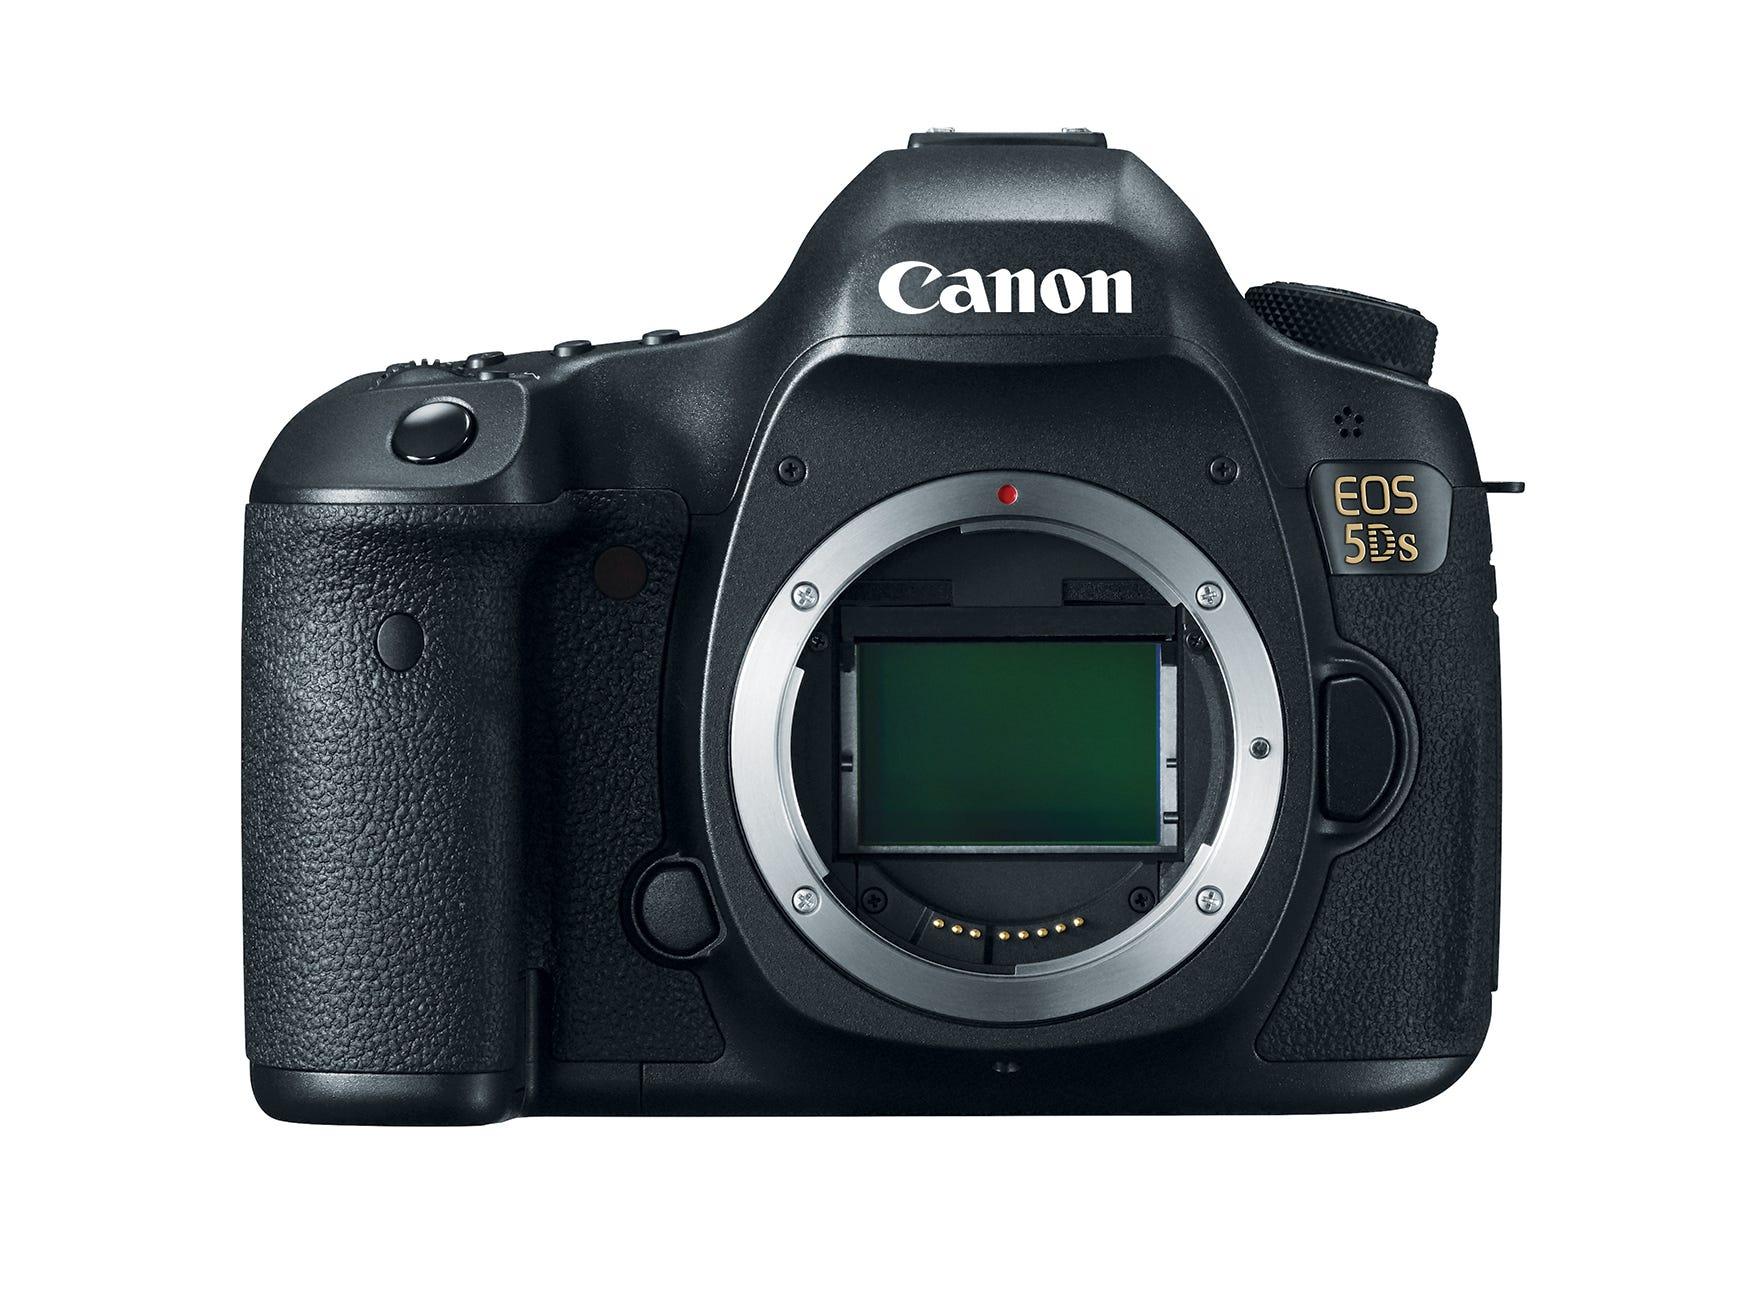 Canon's new 5DS has a 50 megapixel image sensor.